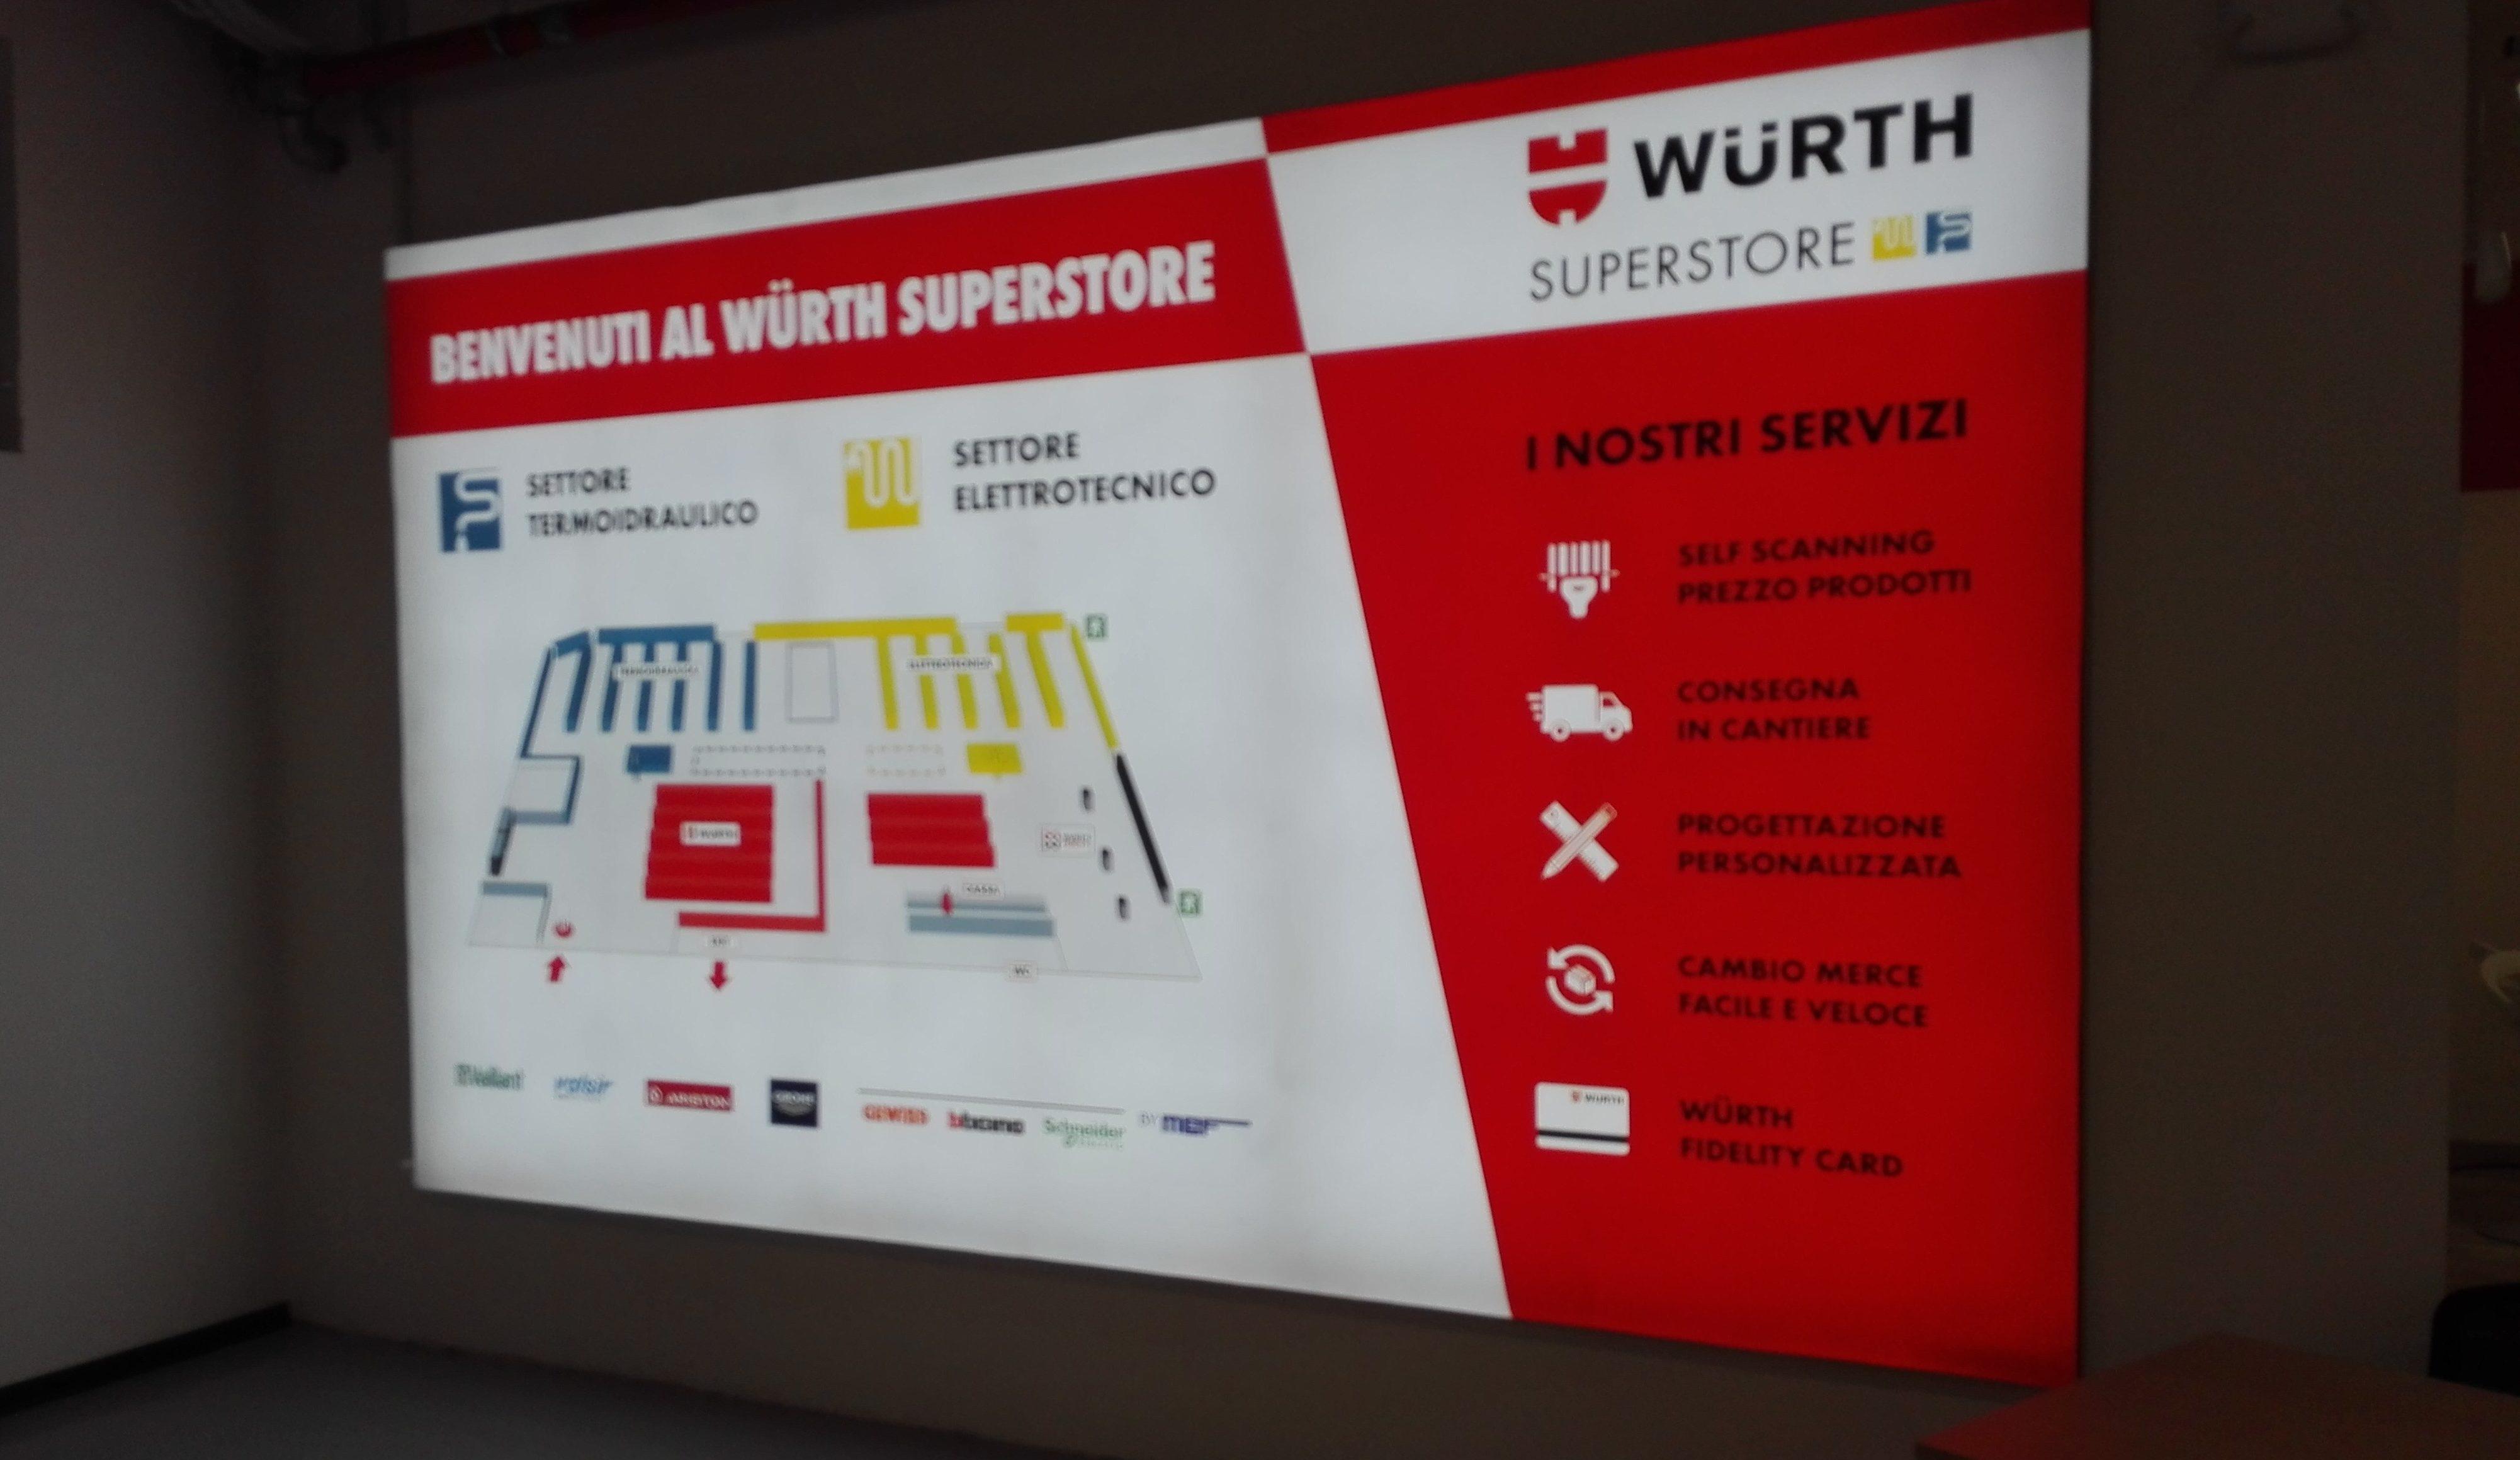 IBC srl Würth SuperStore Milano Inaugurazione